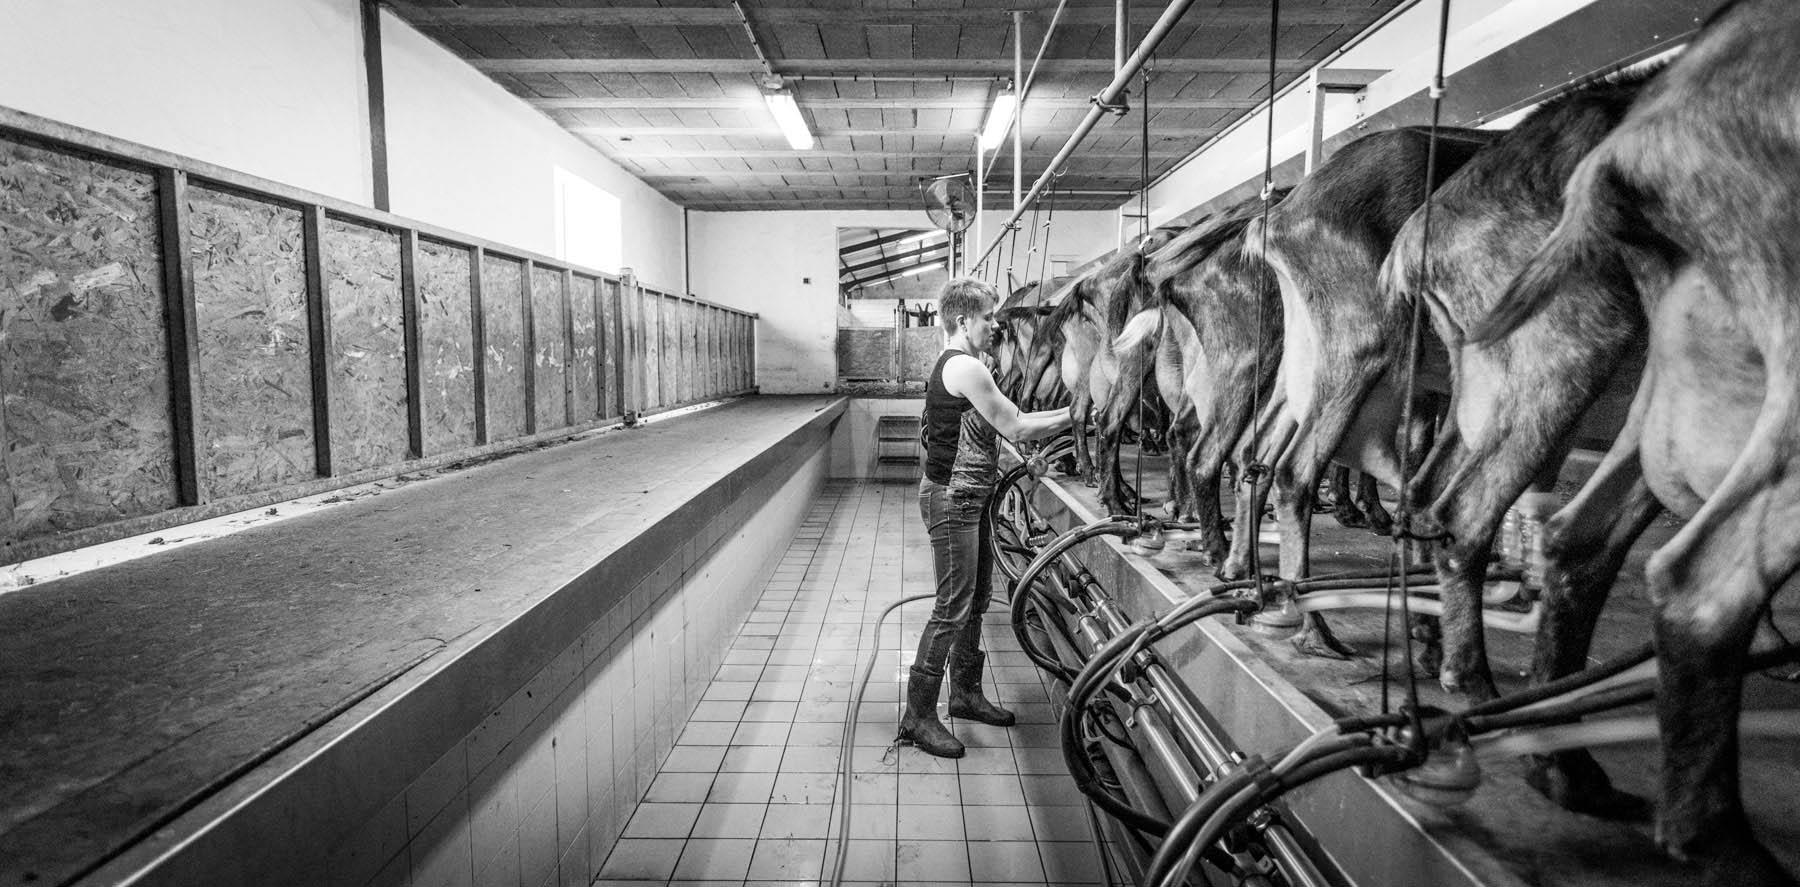 photo de la salle de traite des chèvres de la ferme garralda au pays basque par Carole photographe d'entreprise